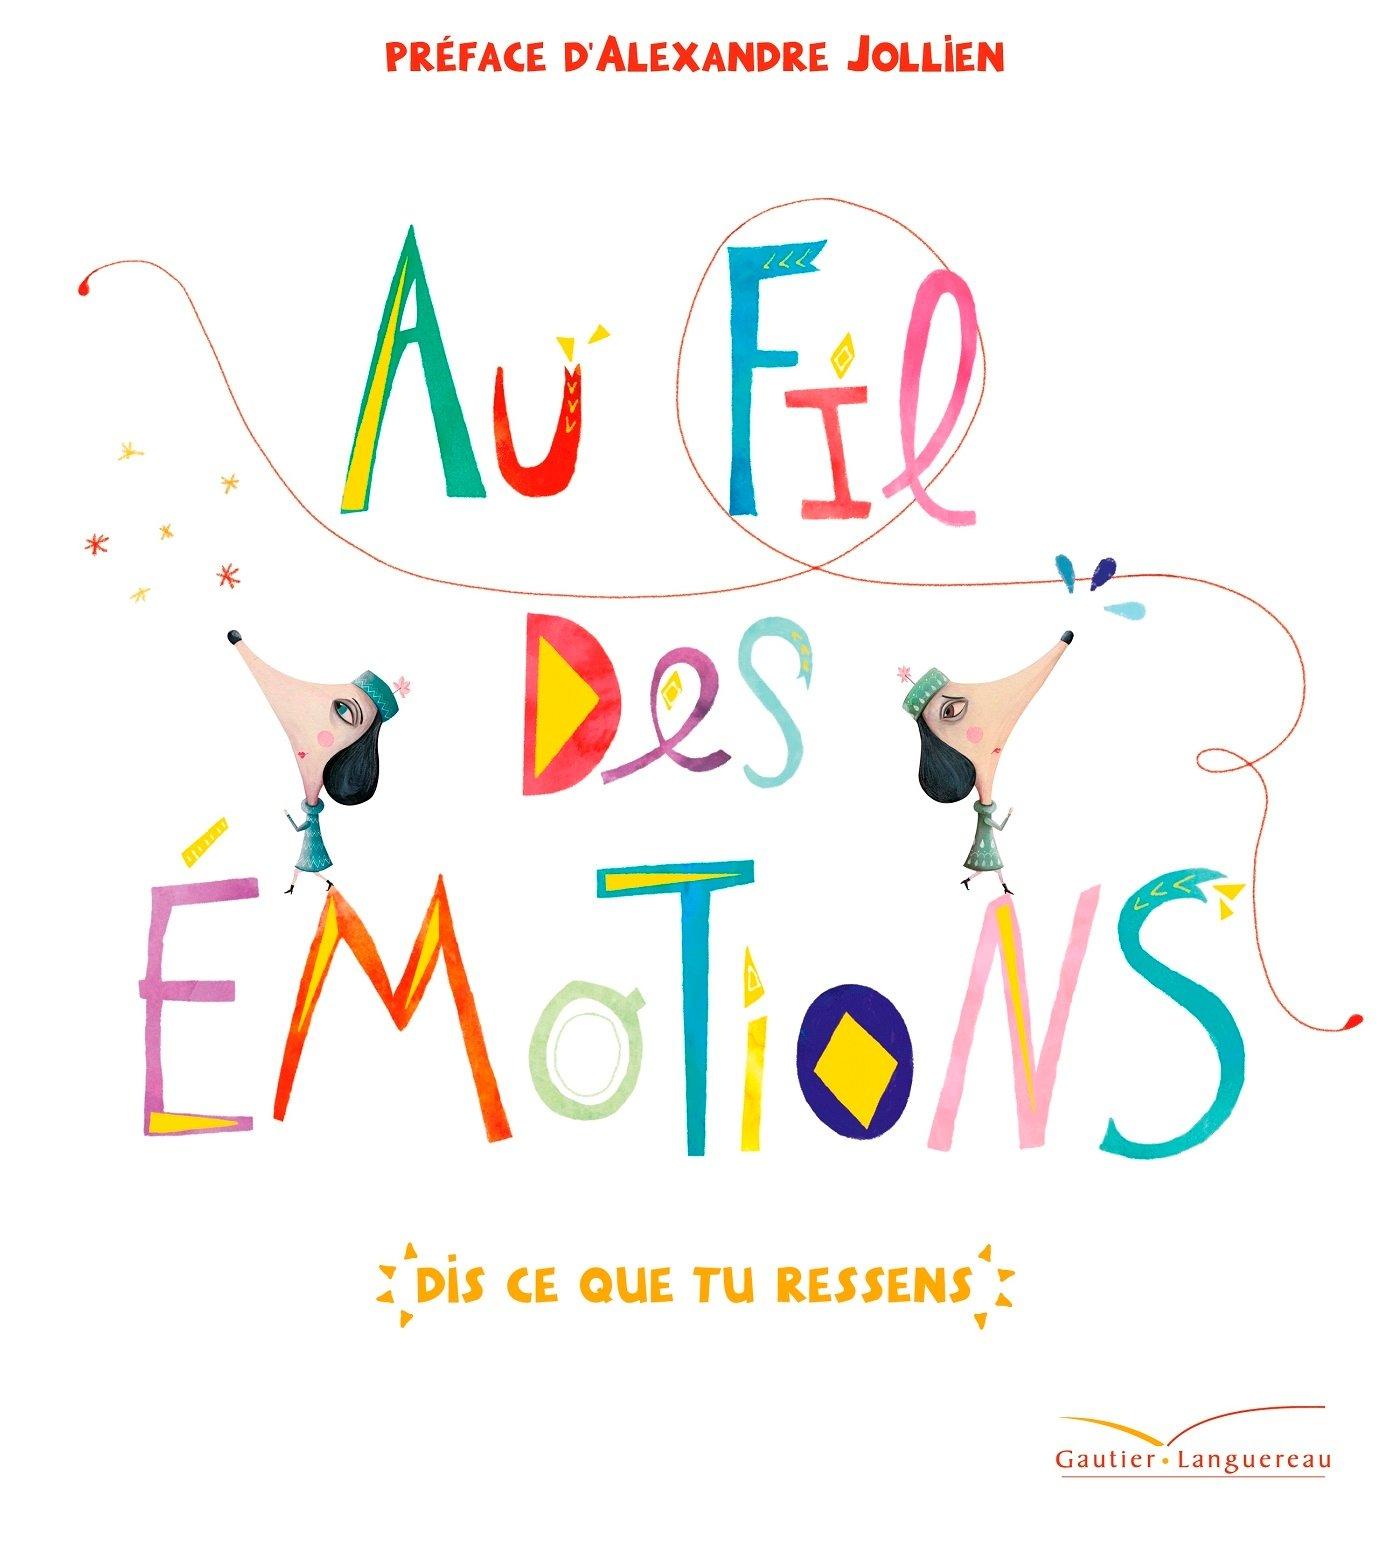 grand livre des émotions, 42 émotions, dessin émotion, comprendre les émotions, connaitre les émotions, histoire bienveillante, éducation positive, livre 3 ans, livre 4 ans, livre 5 ans, livre 6 ans, livre poétique